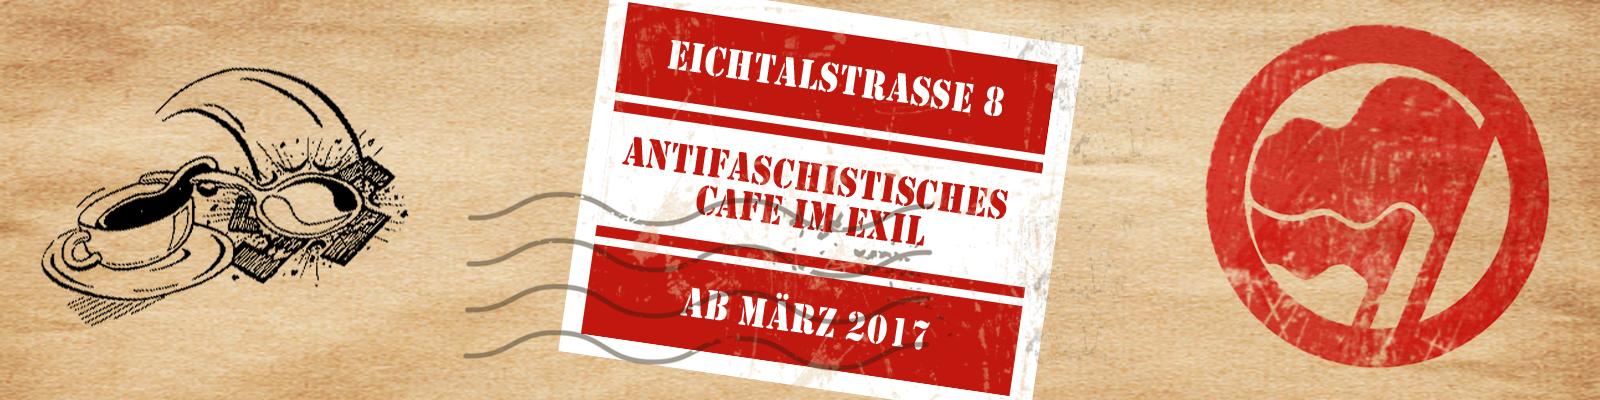 Antifaschistisches Cafe Braunschweig